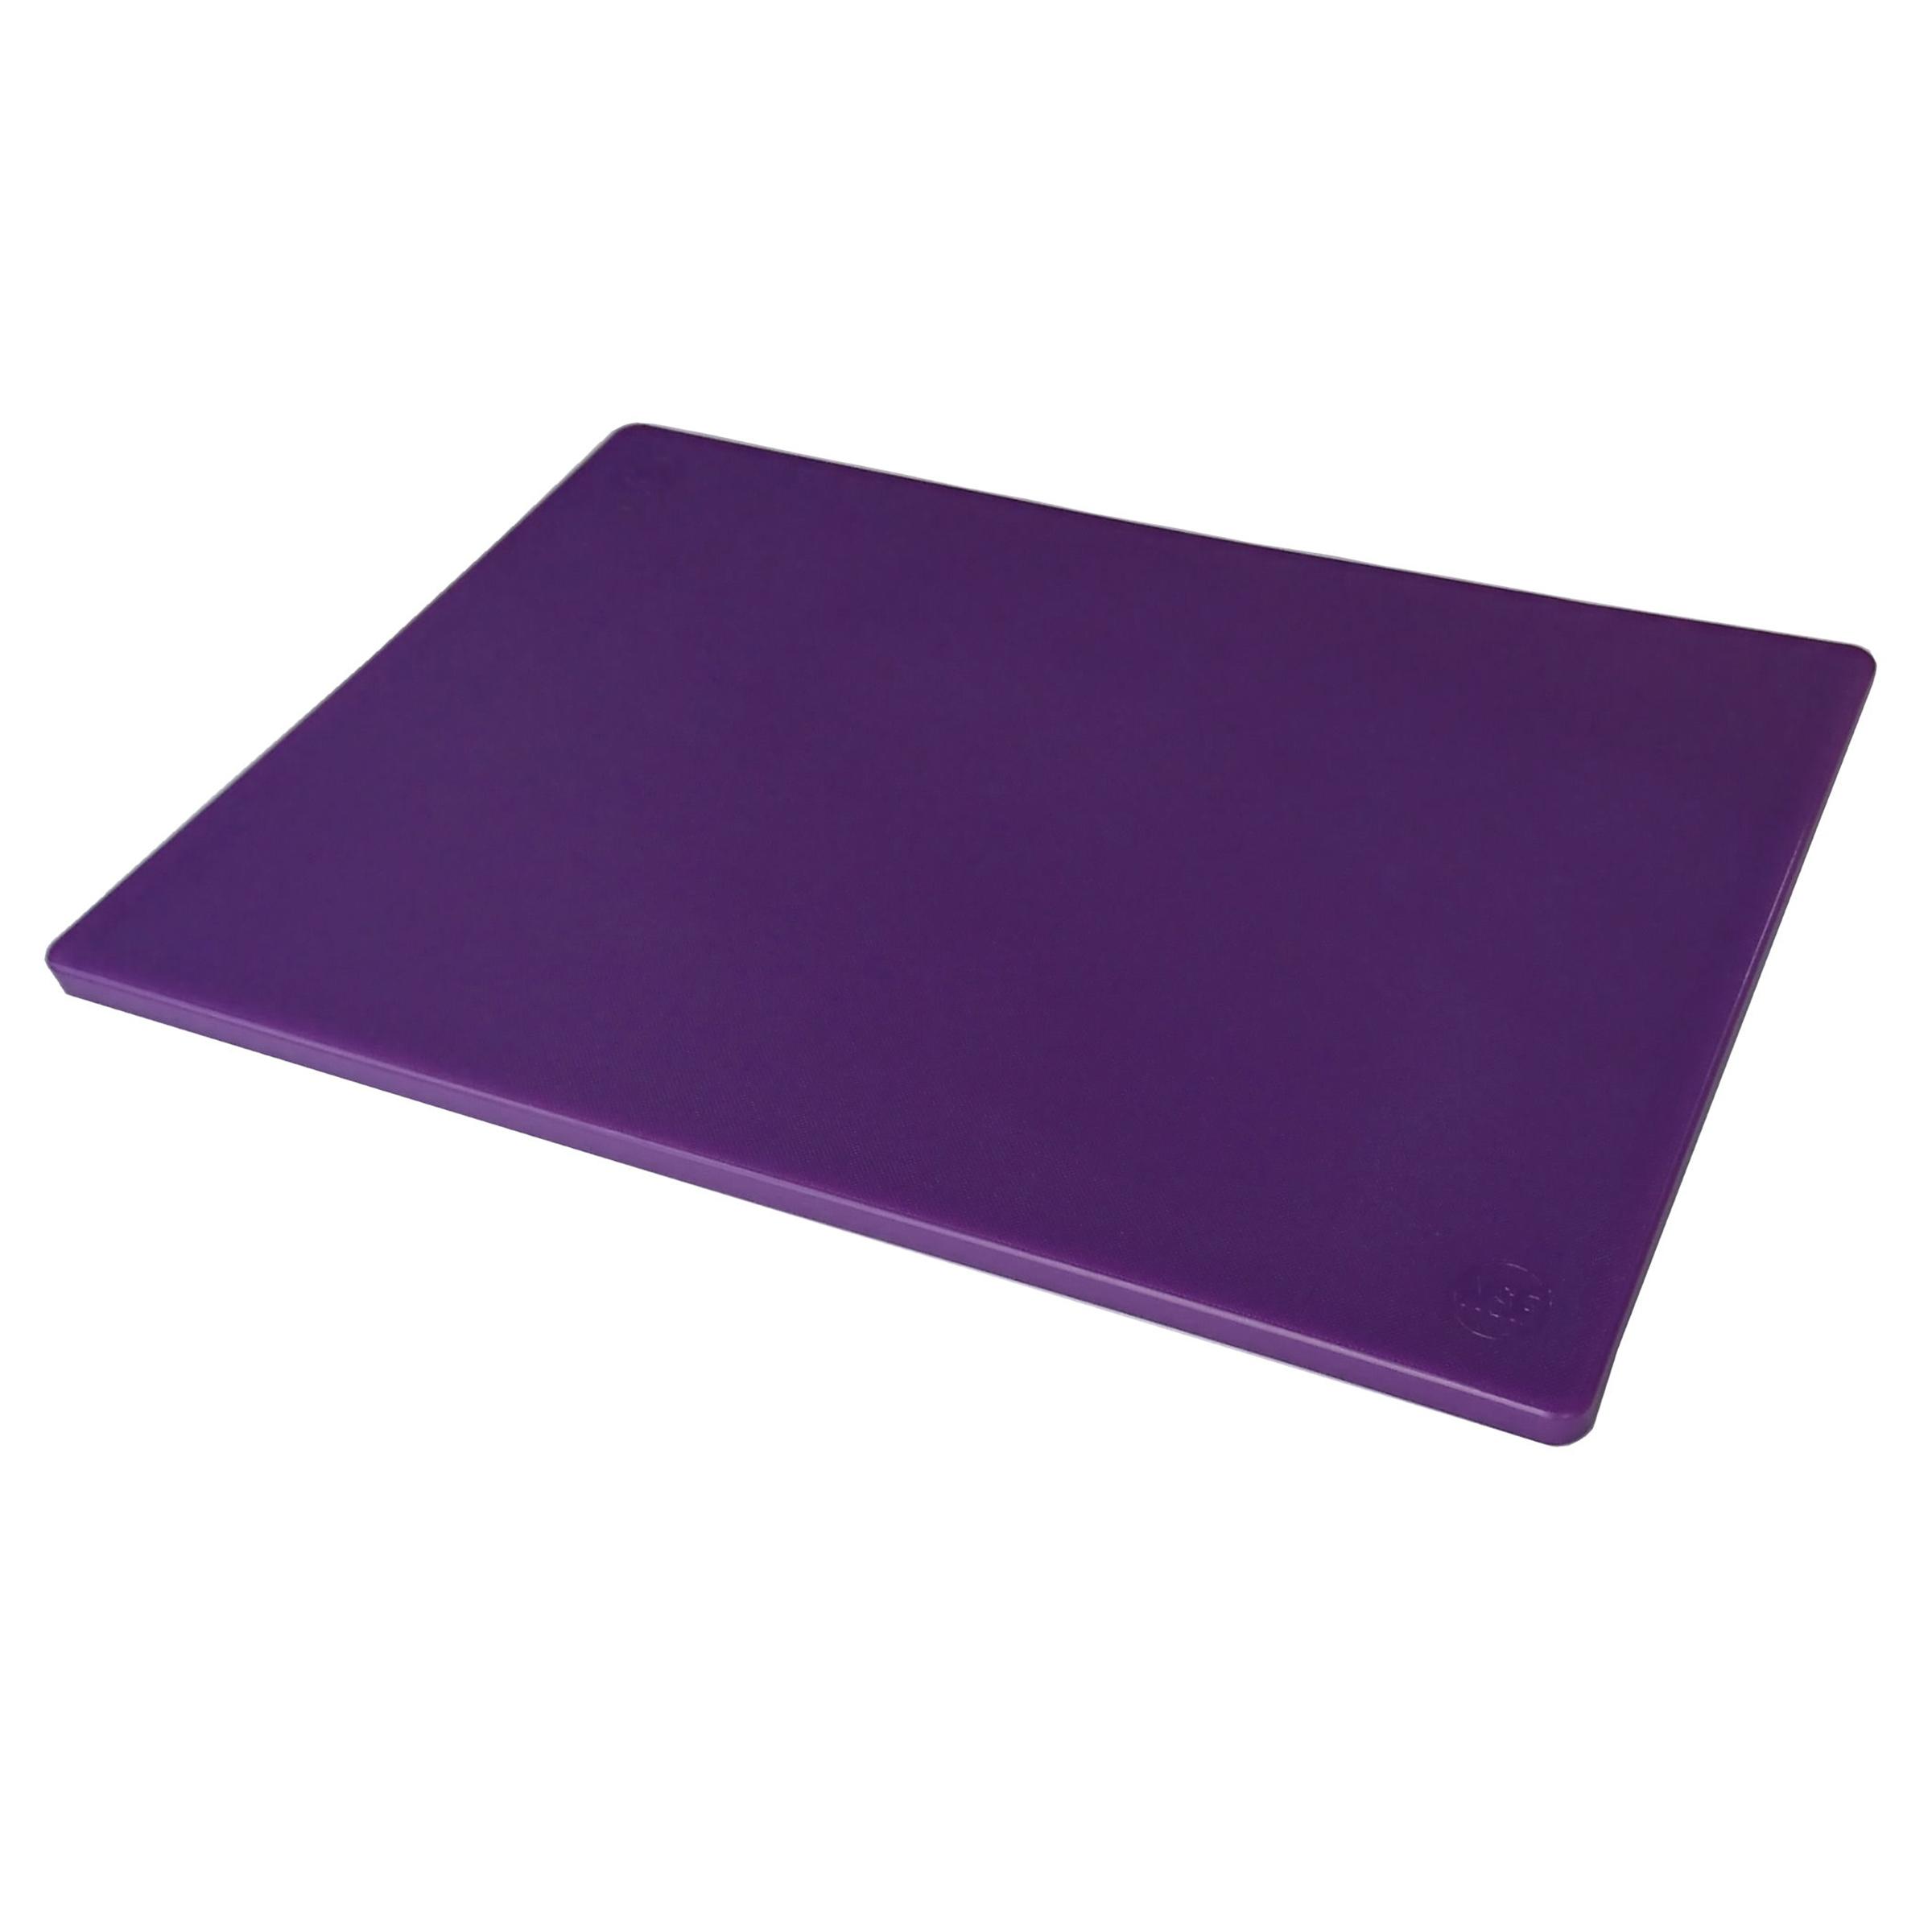 Omcan 44276 smallwares > restaurant essential > pre-cut rigid cutting boards